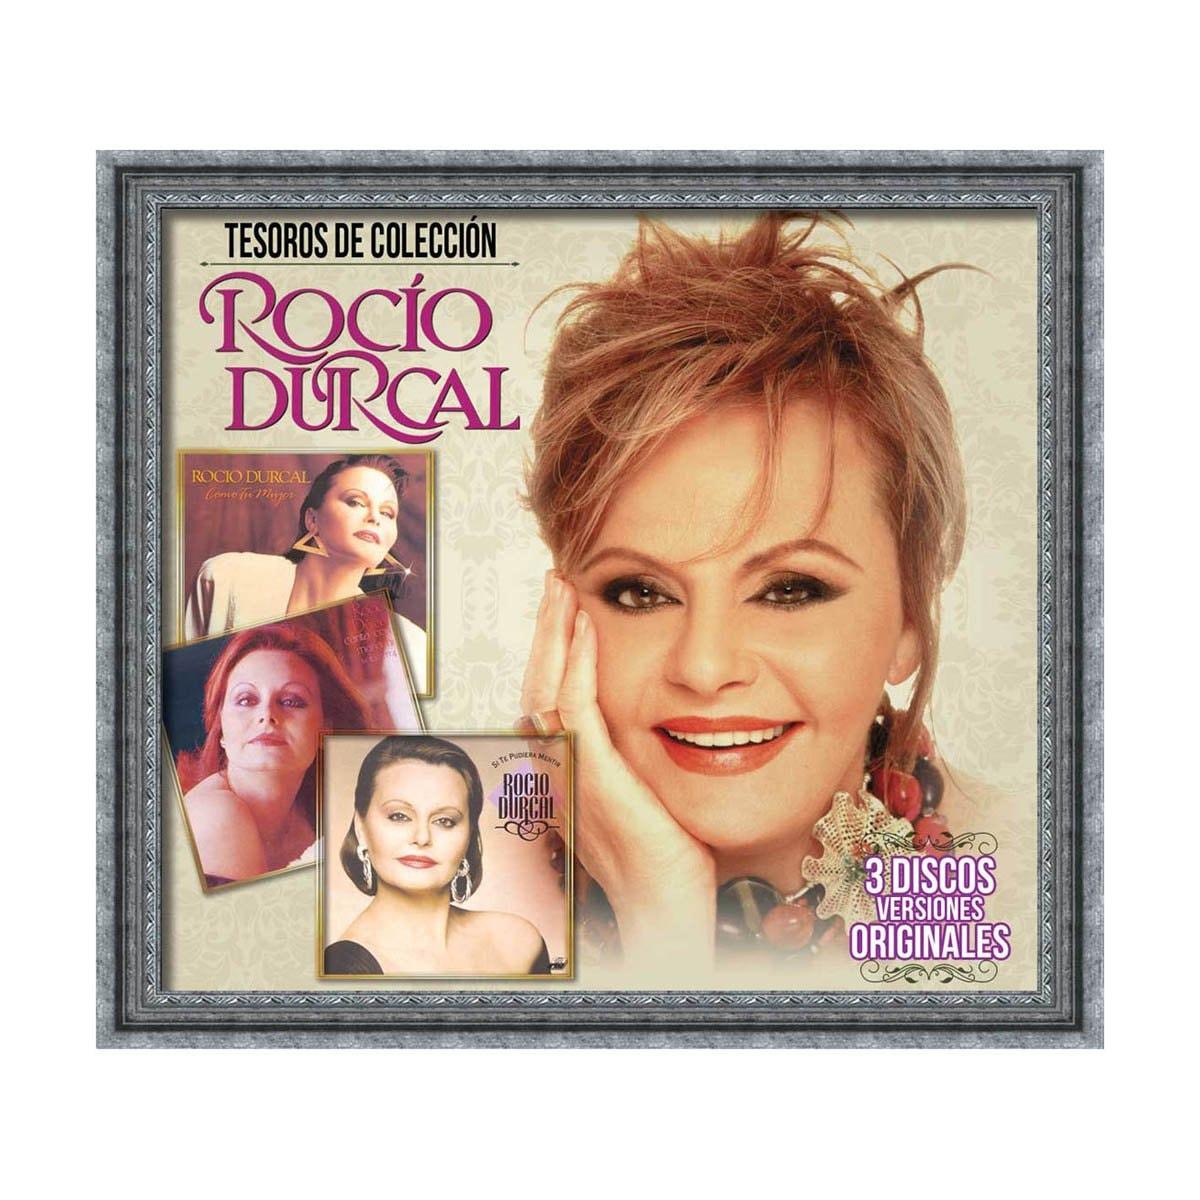 3 Cds Tesoros de Colección Rocio Durcal